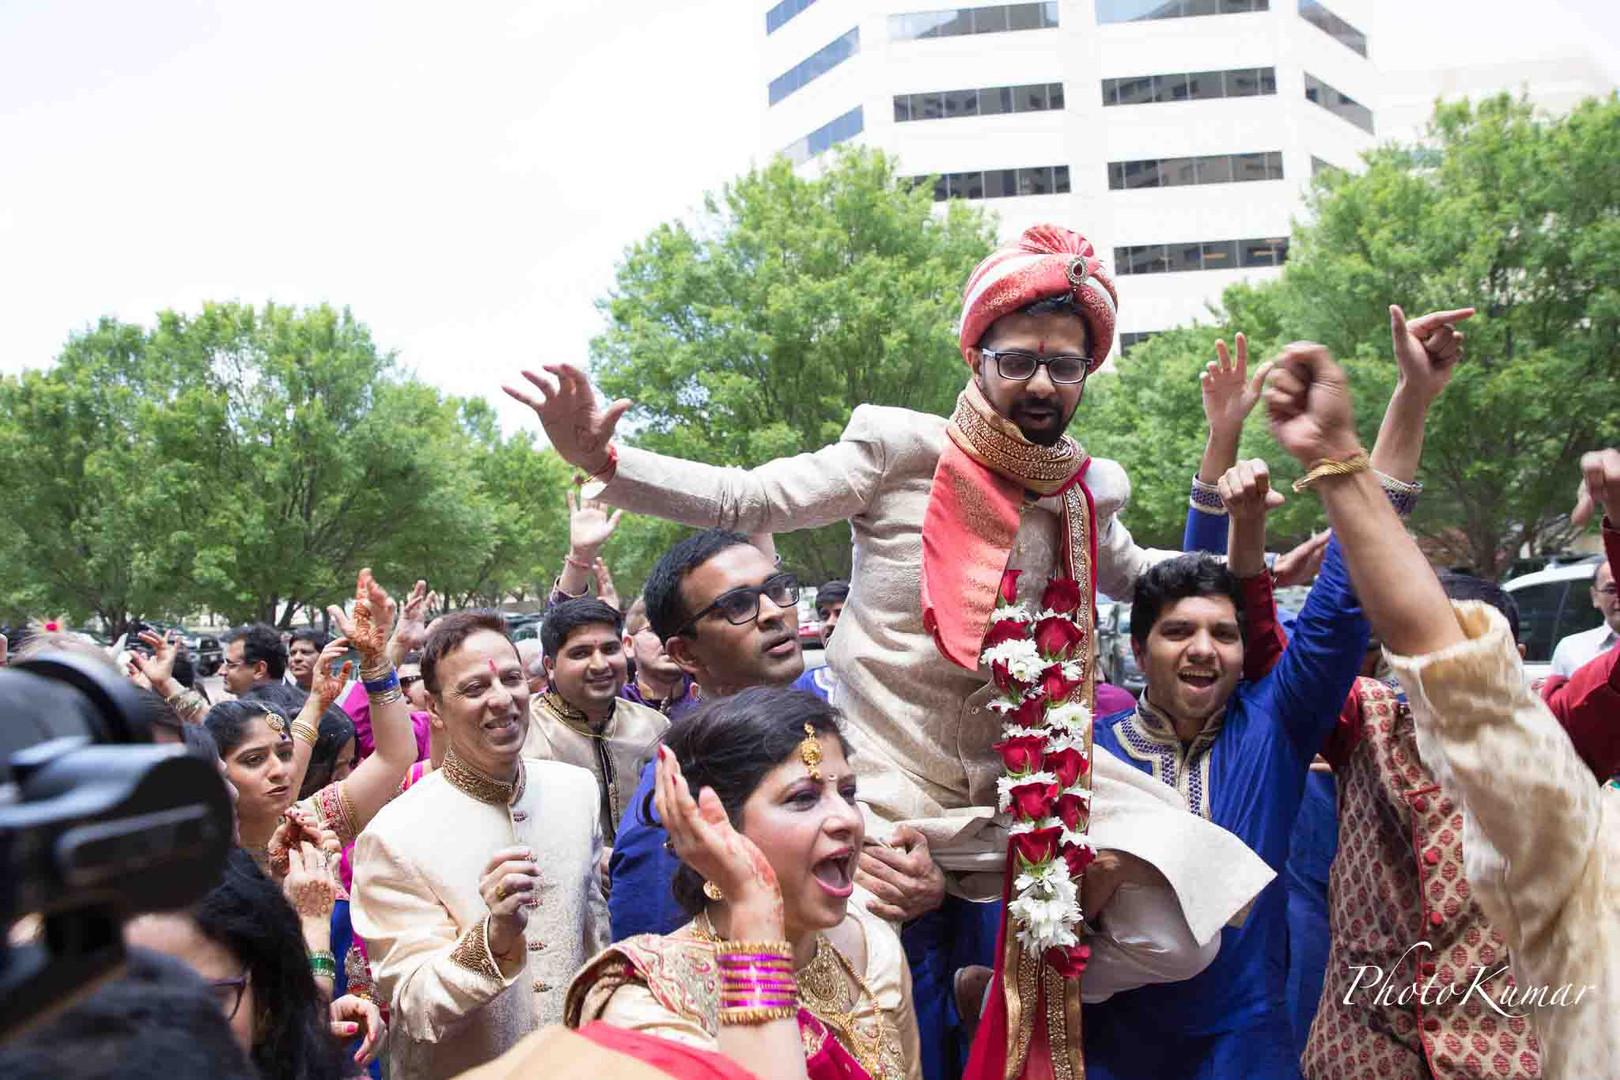 Baraat-wedding-photokumar-3.jpg